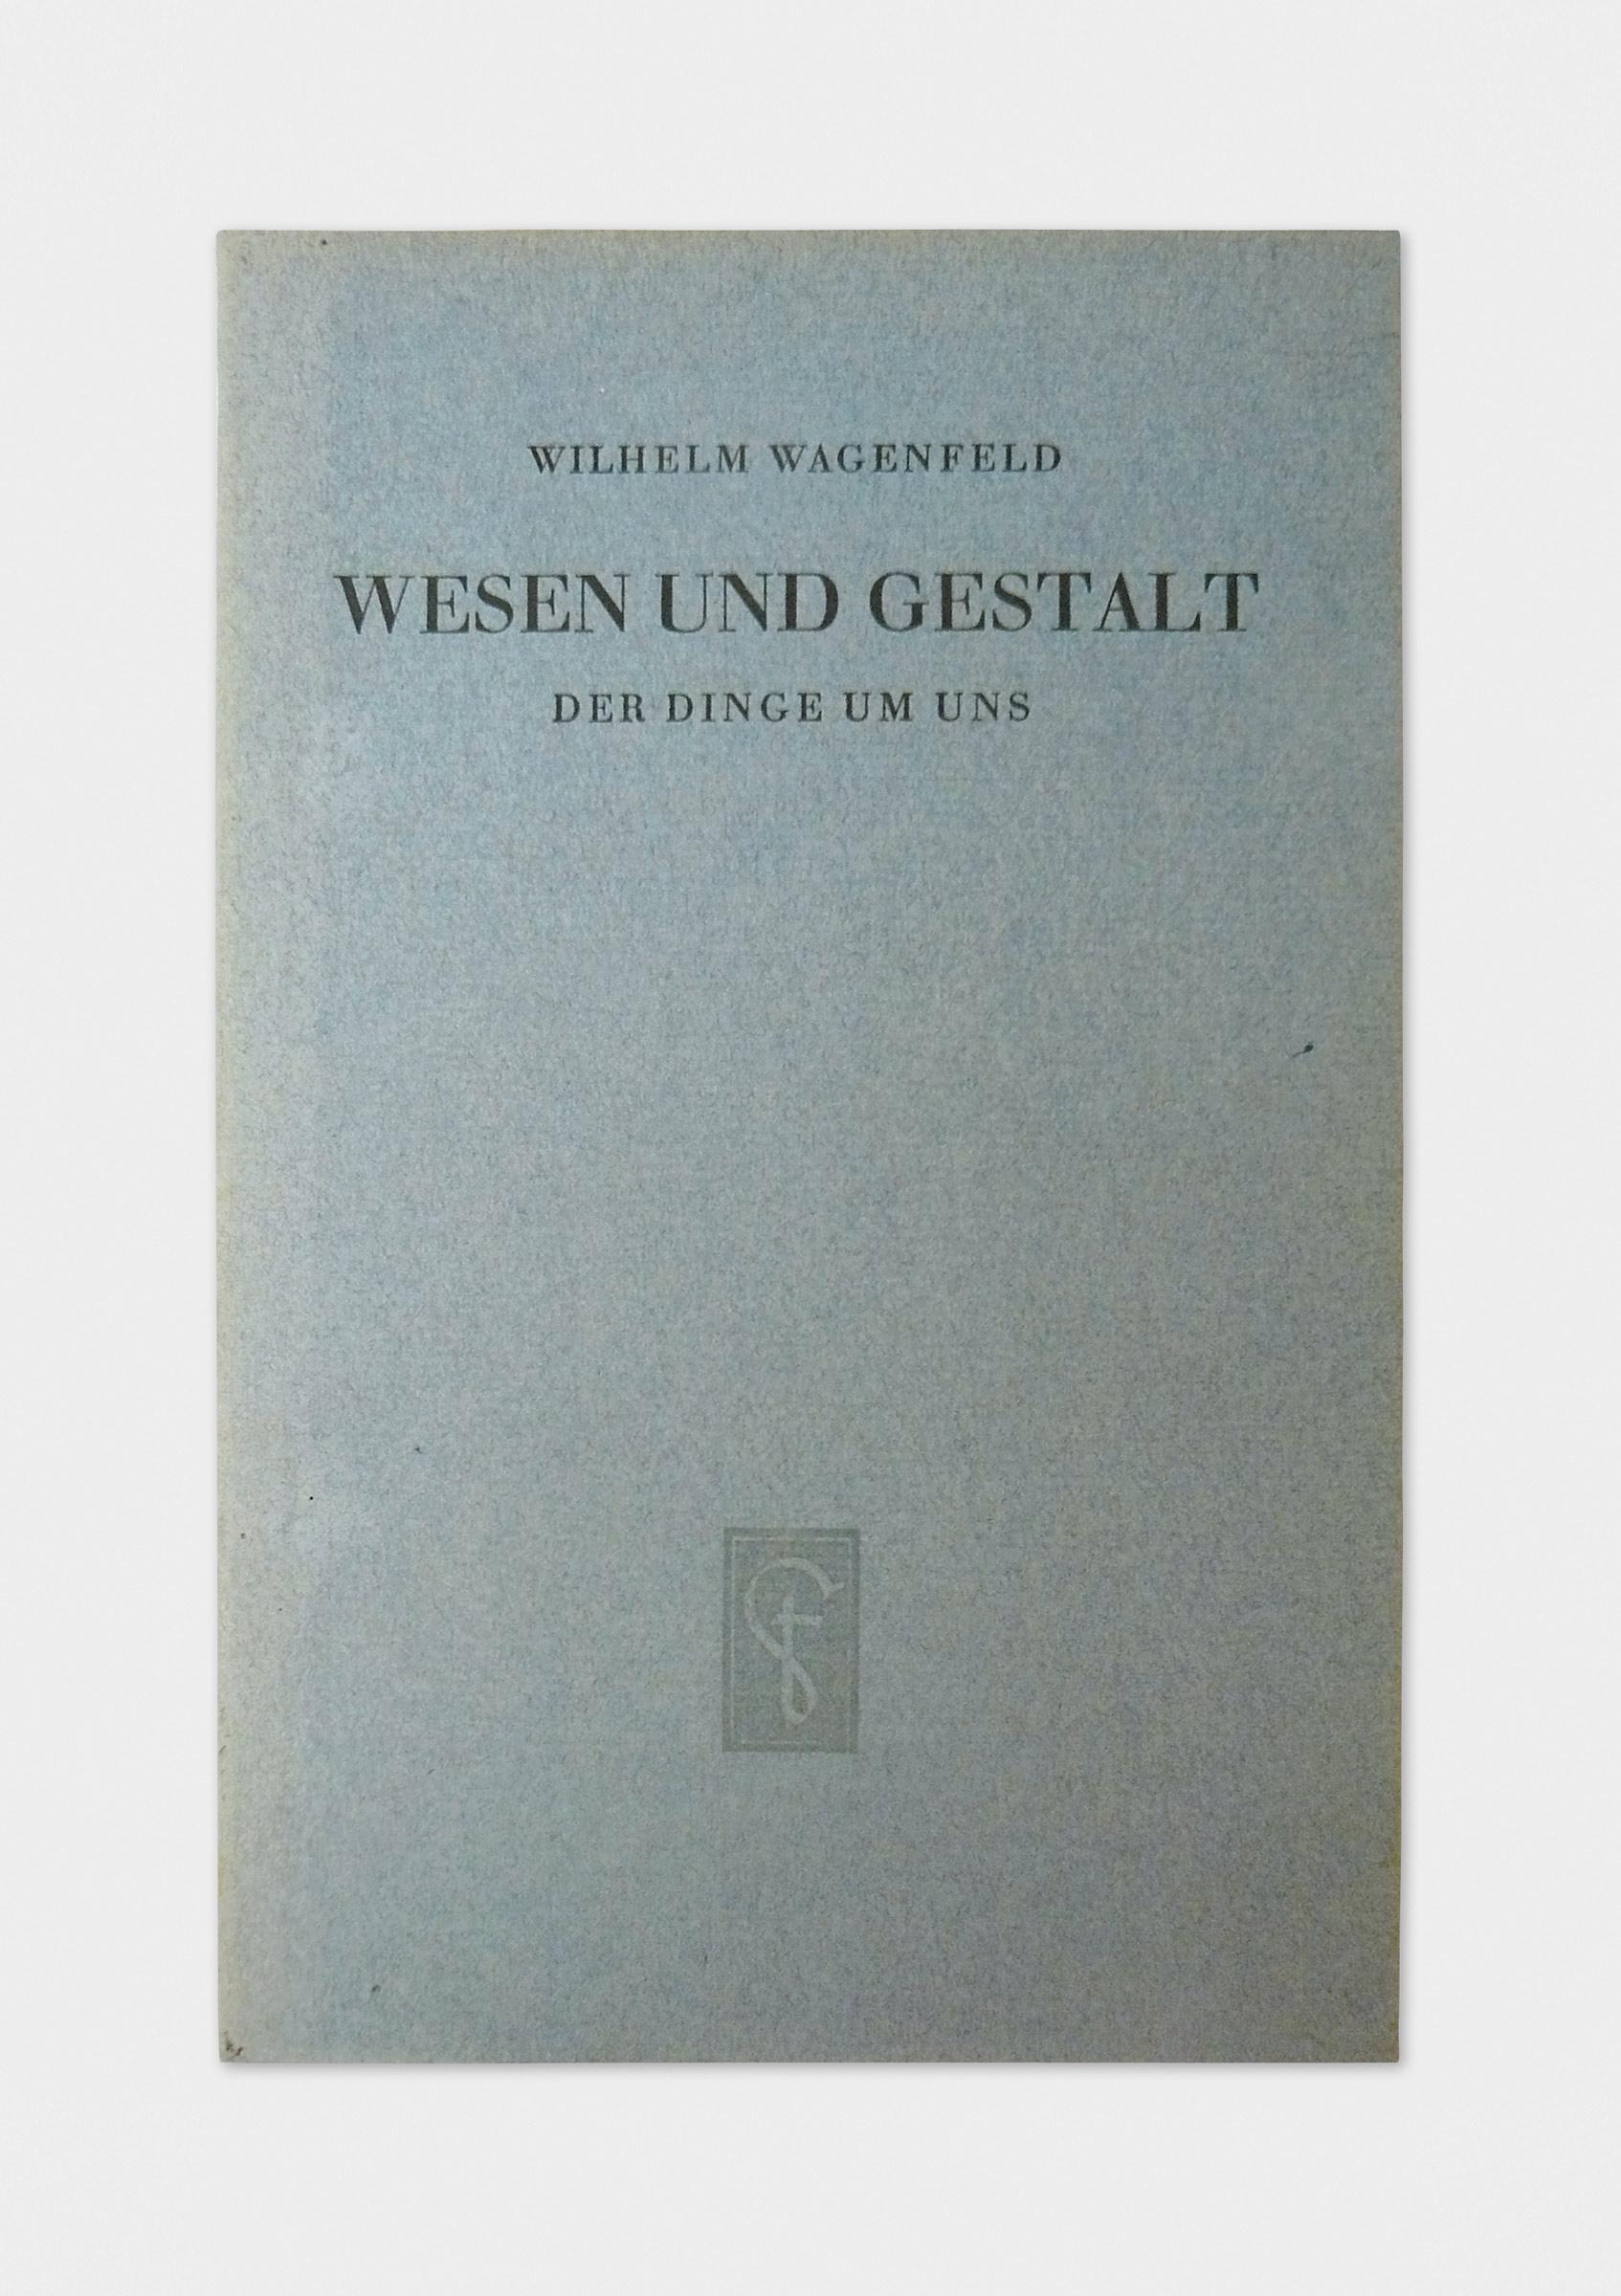 Wesen und Gestalt der Dinge um uns, Wilhelm Wagenfeld